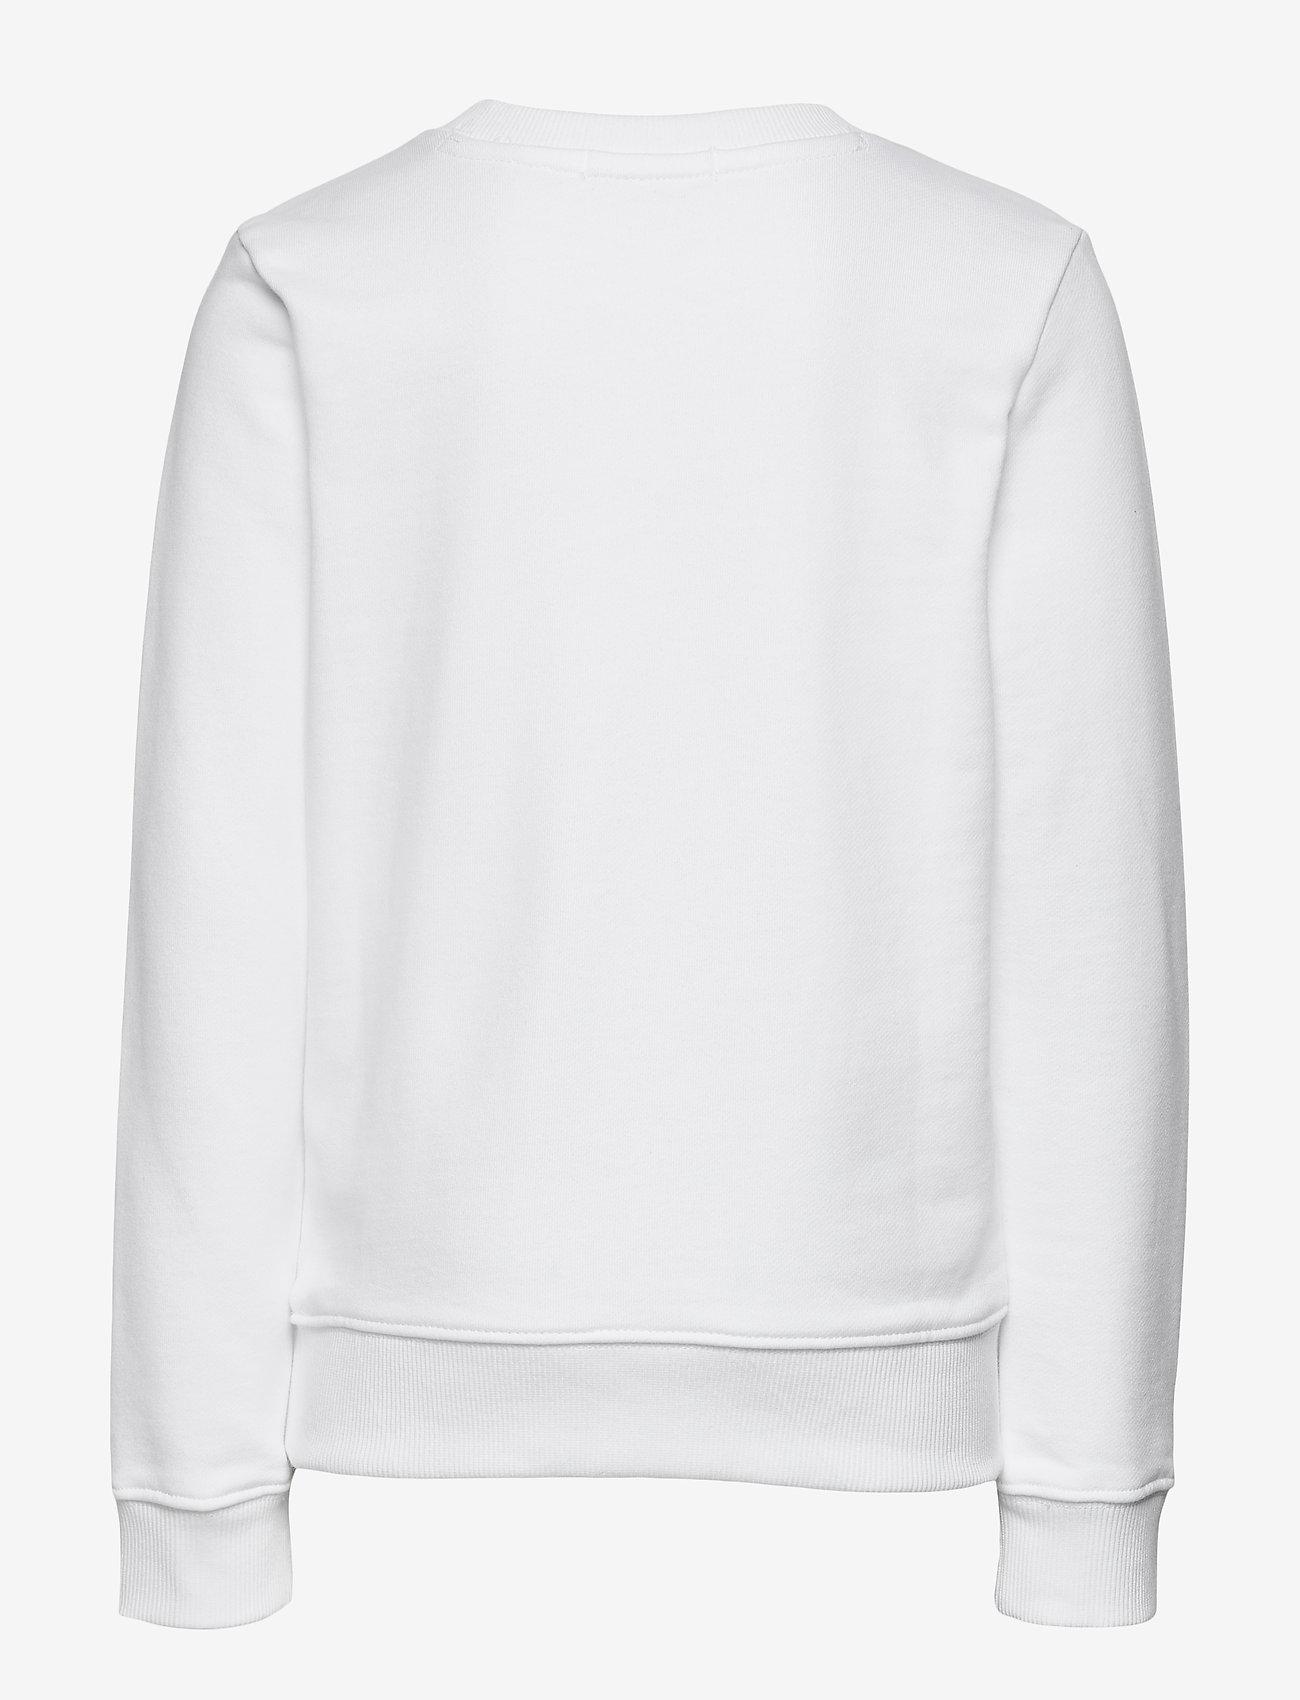 Calvin Klein - REFLECTIVE LOGO SWEATSHIRT - sweatshirts - bright white - 1